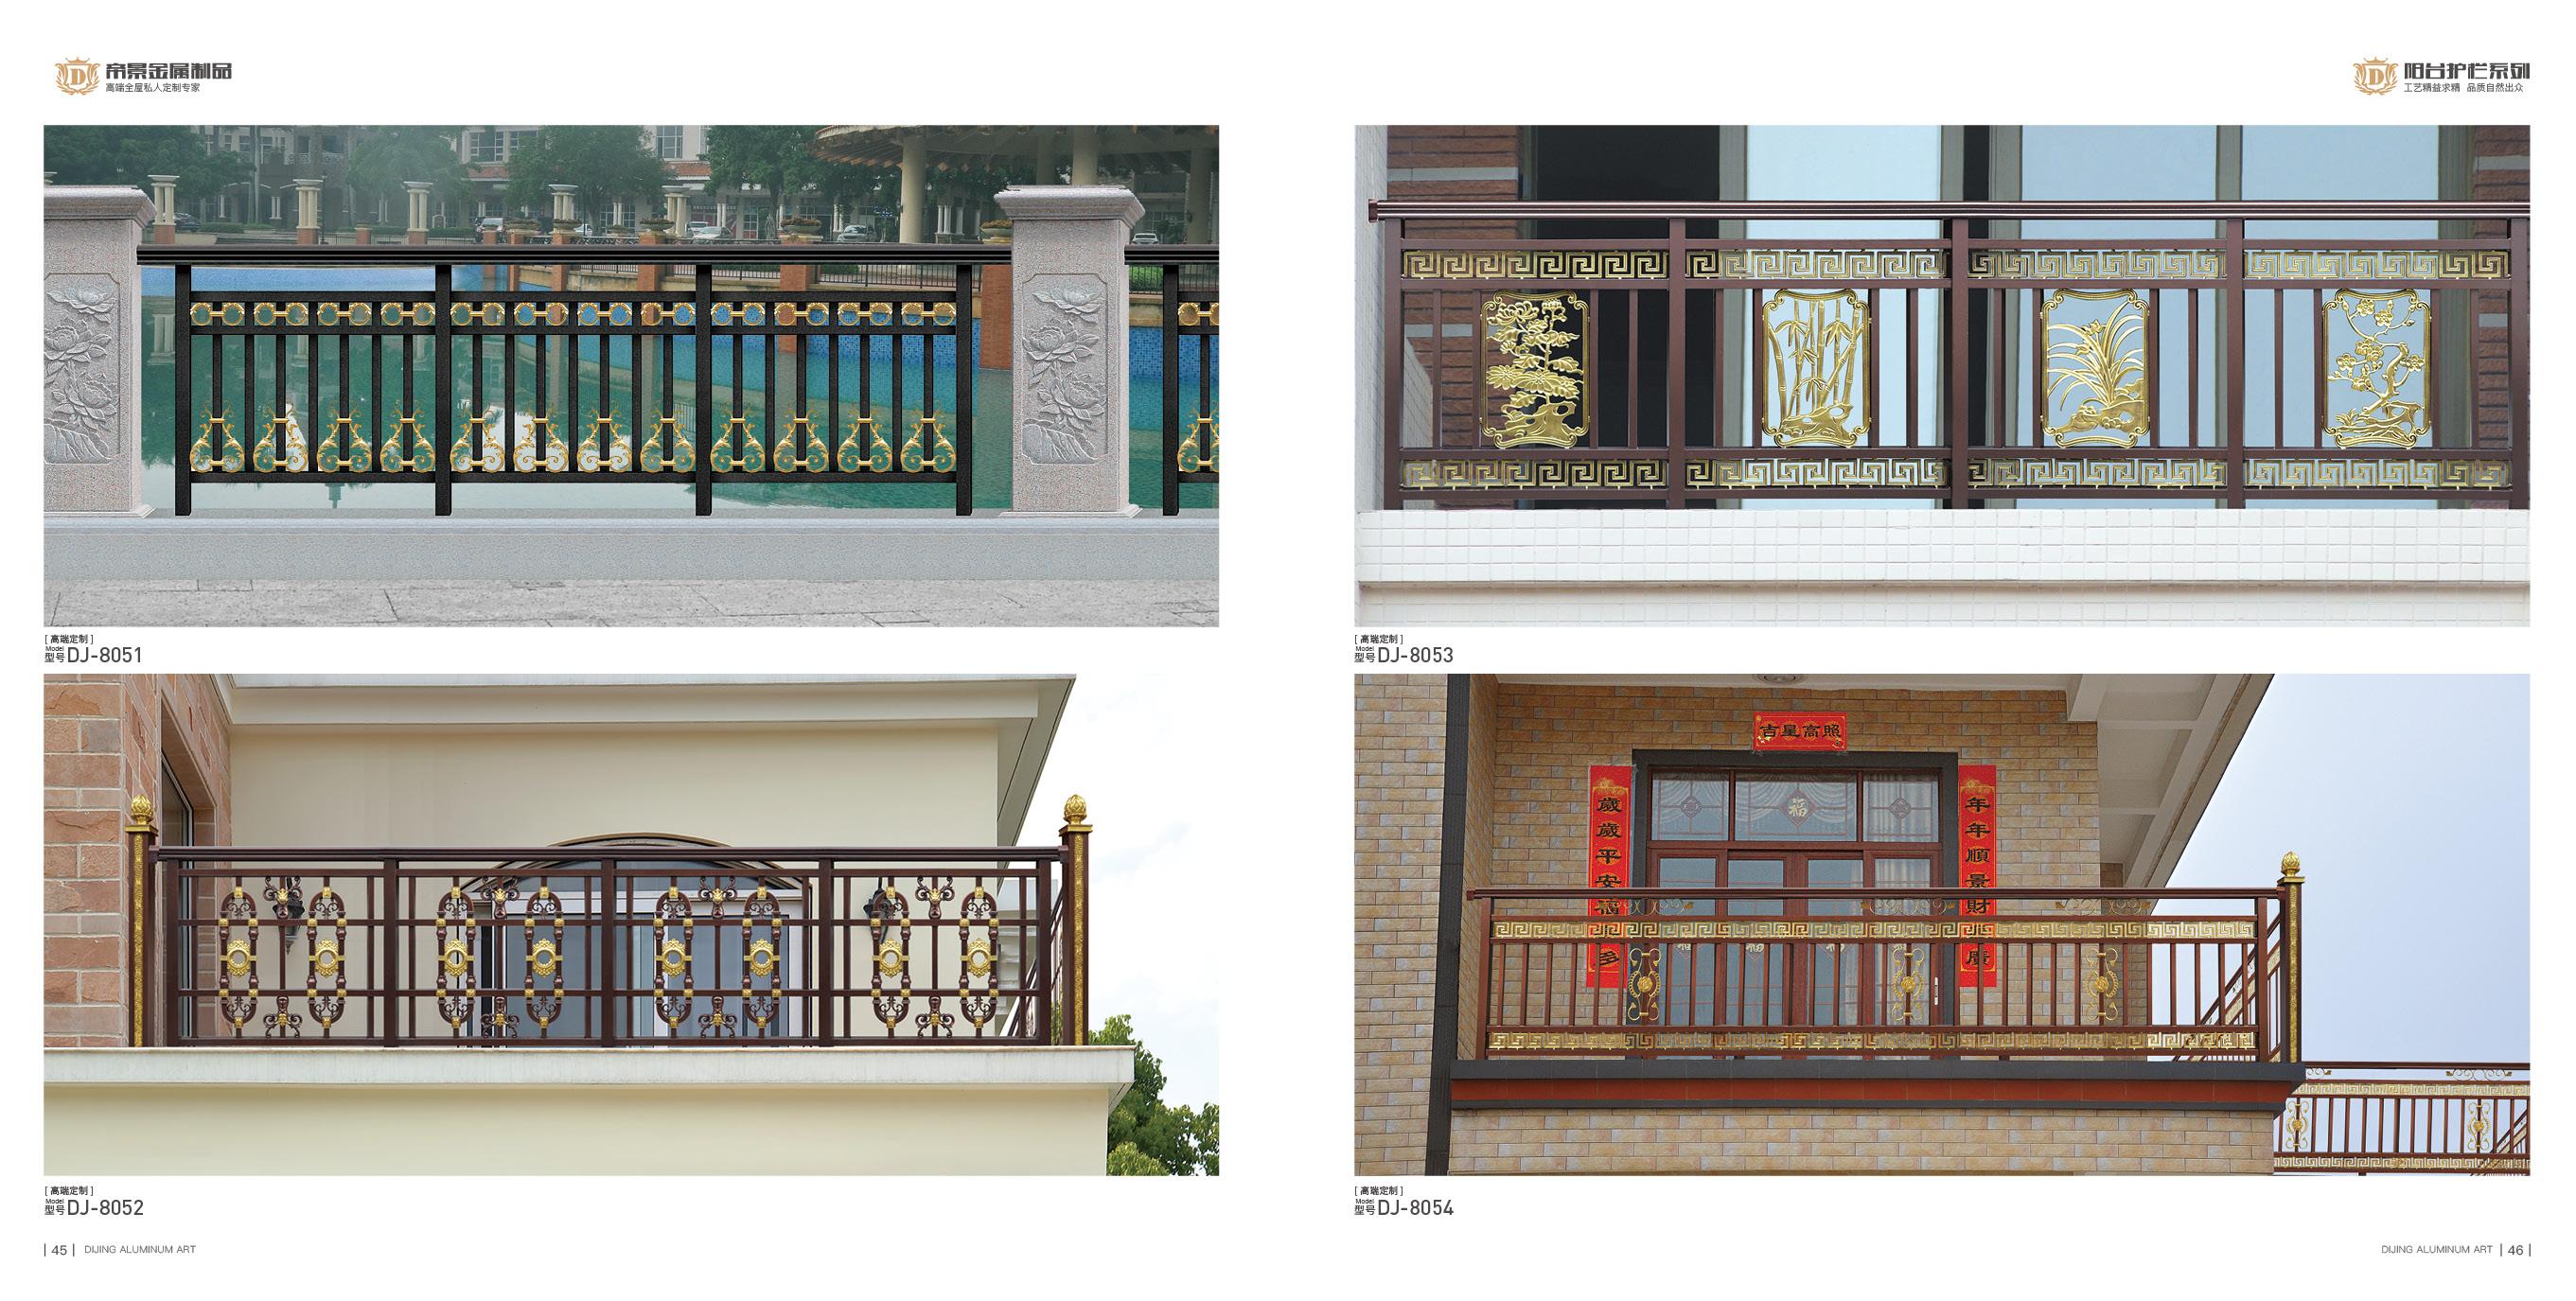 阳台护栏 东莞阳台护栏 阳台护栏销售 阳台护栏设计